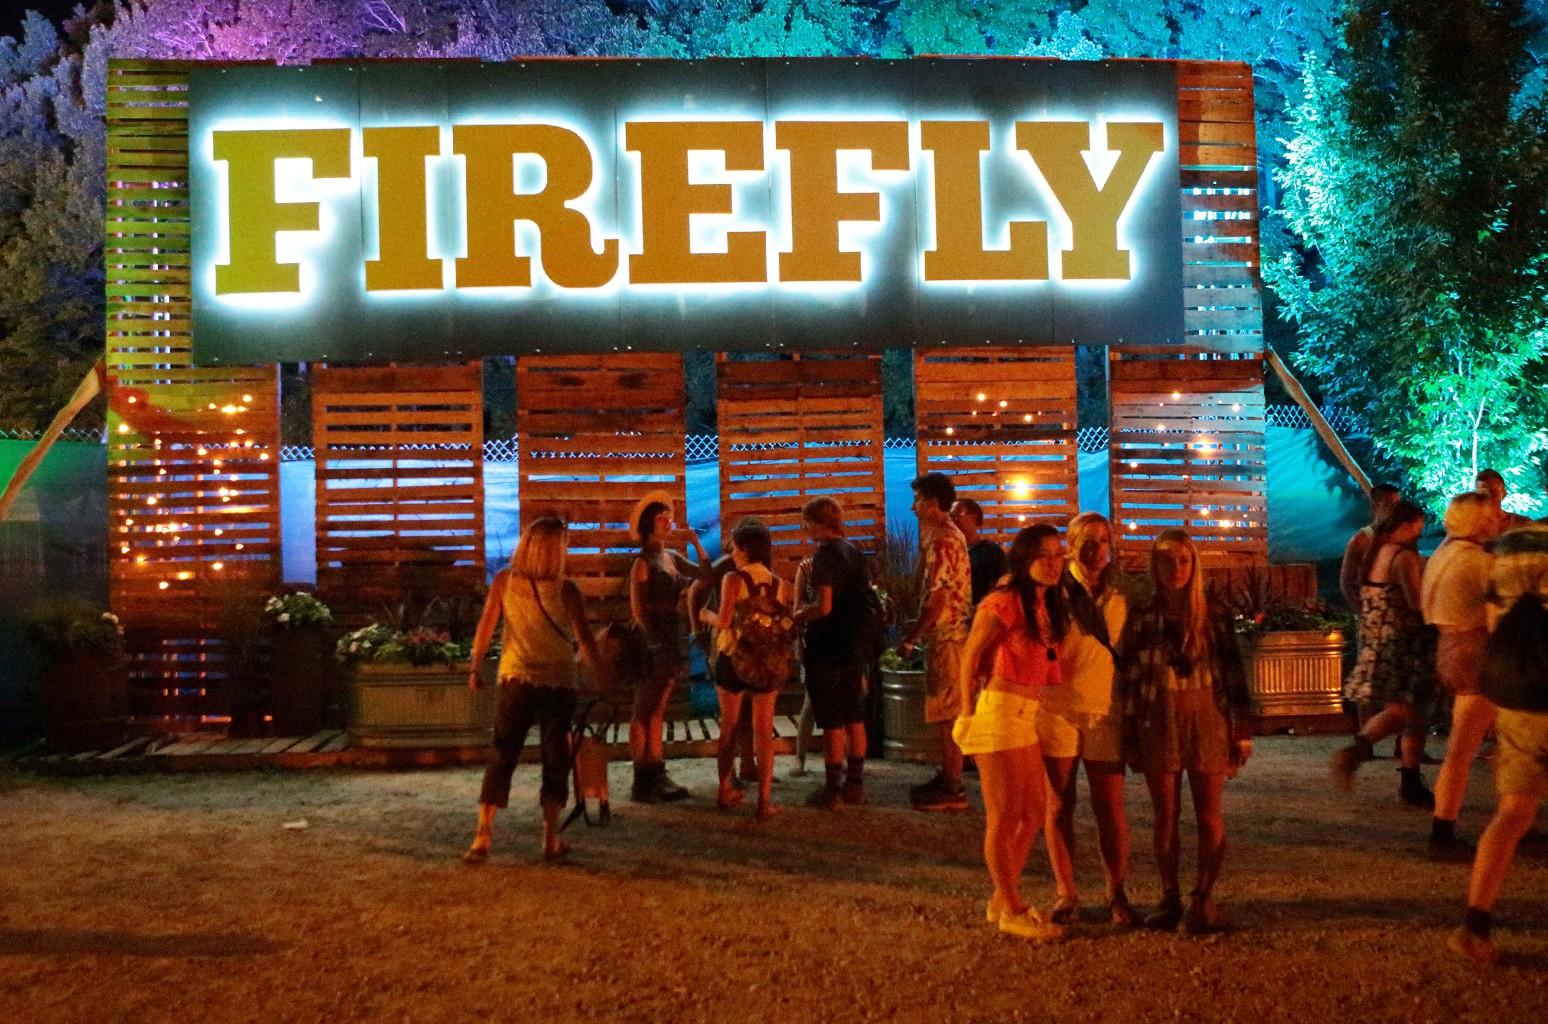 Firefy Music Festival